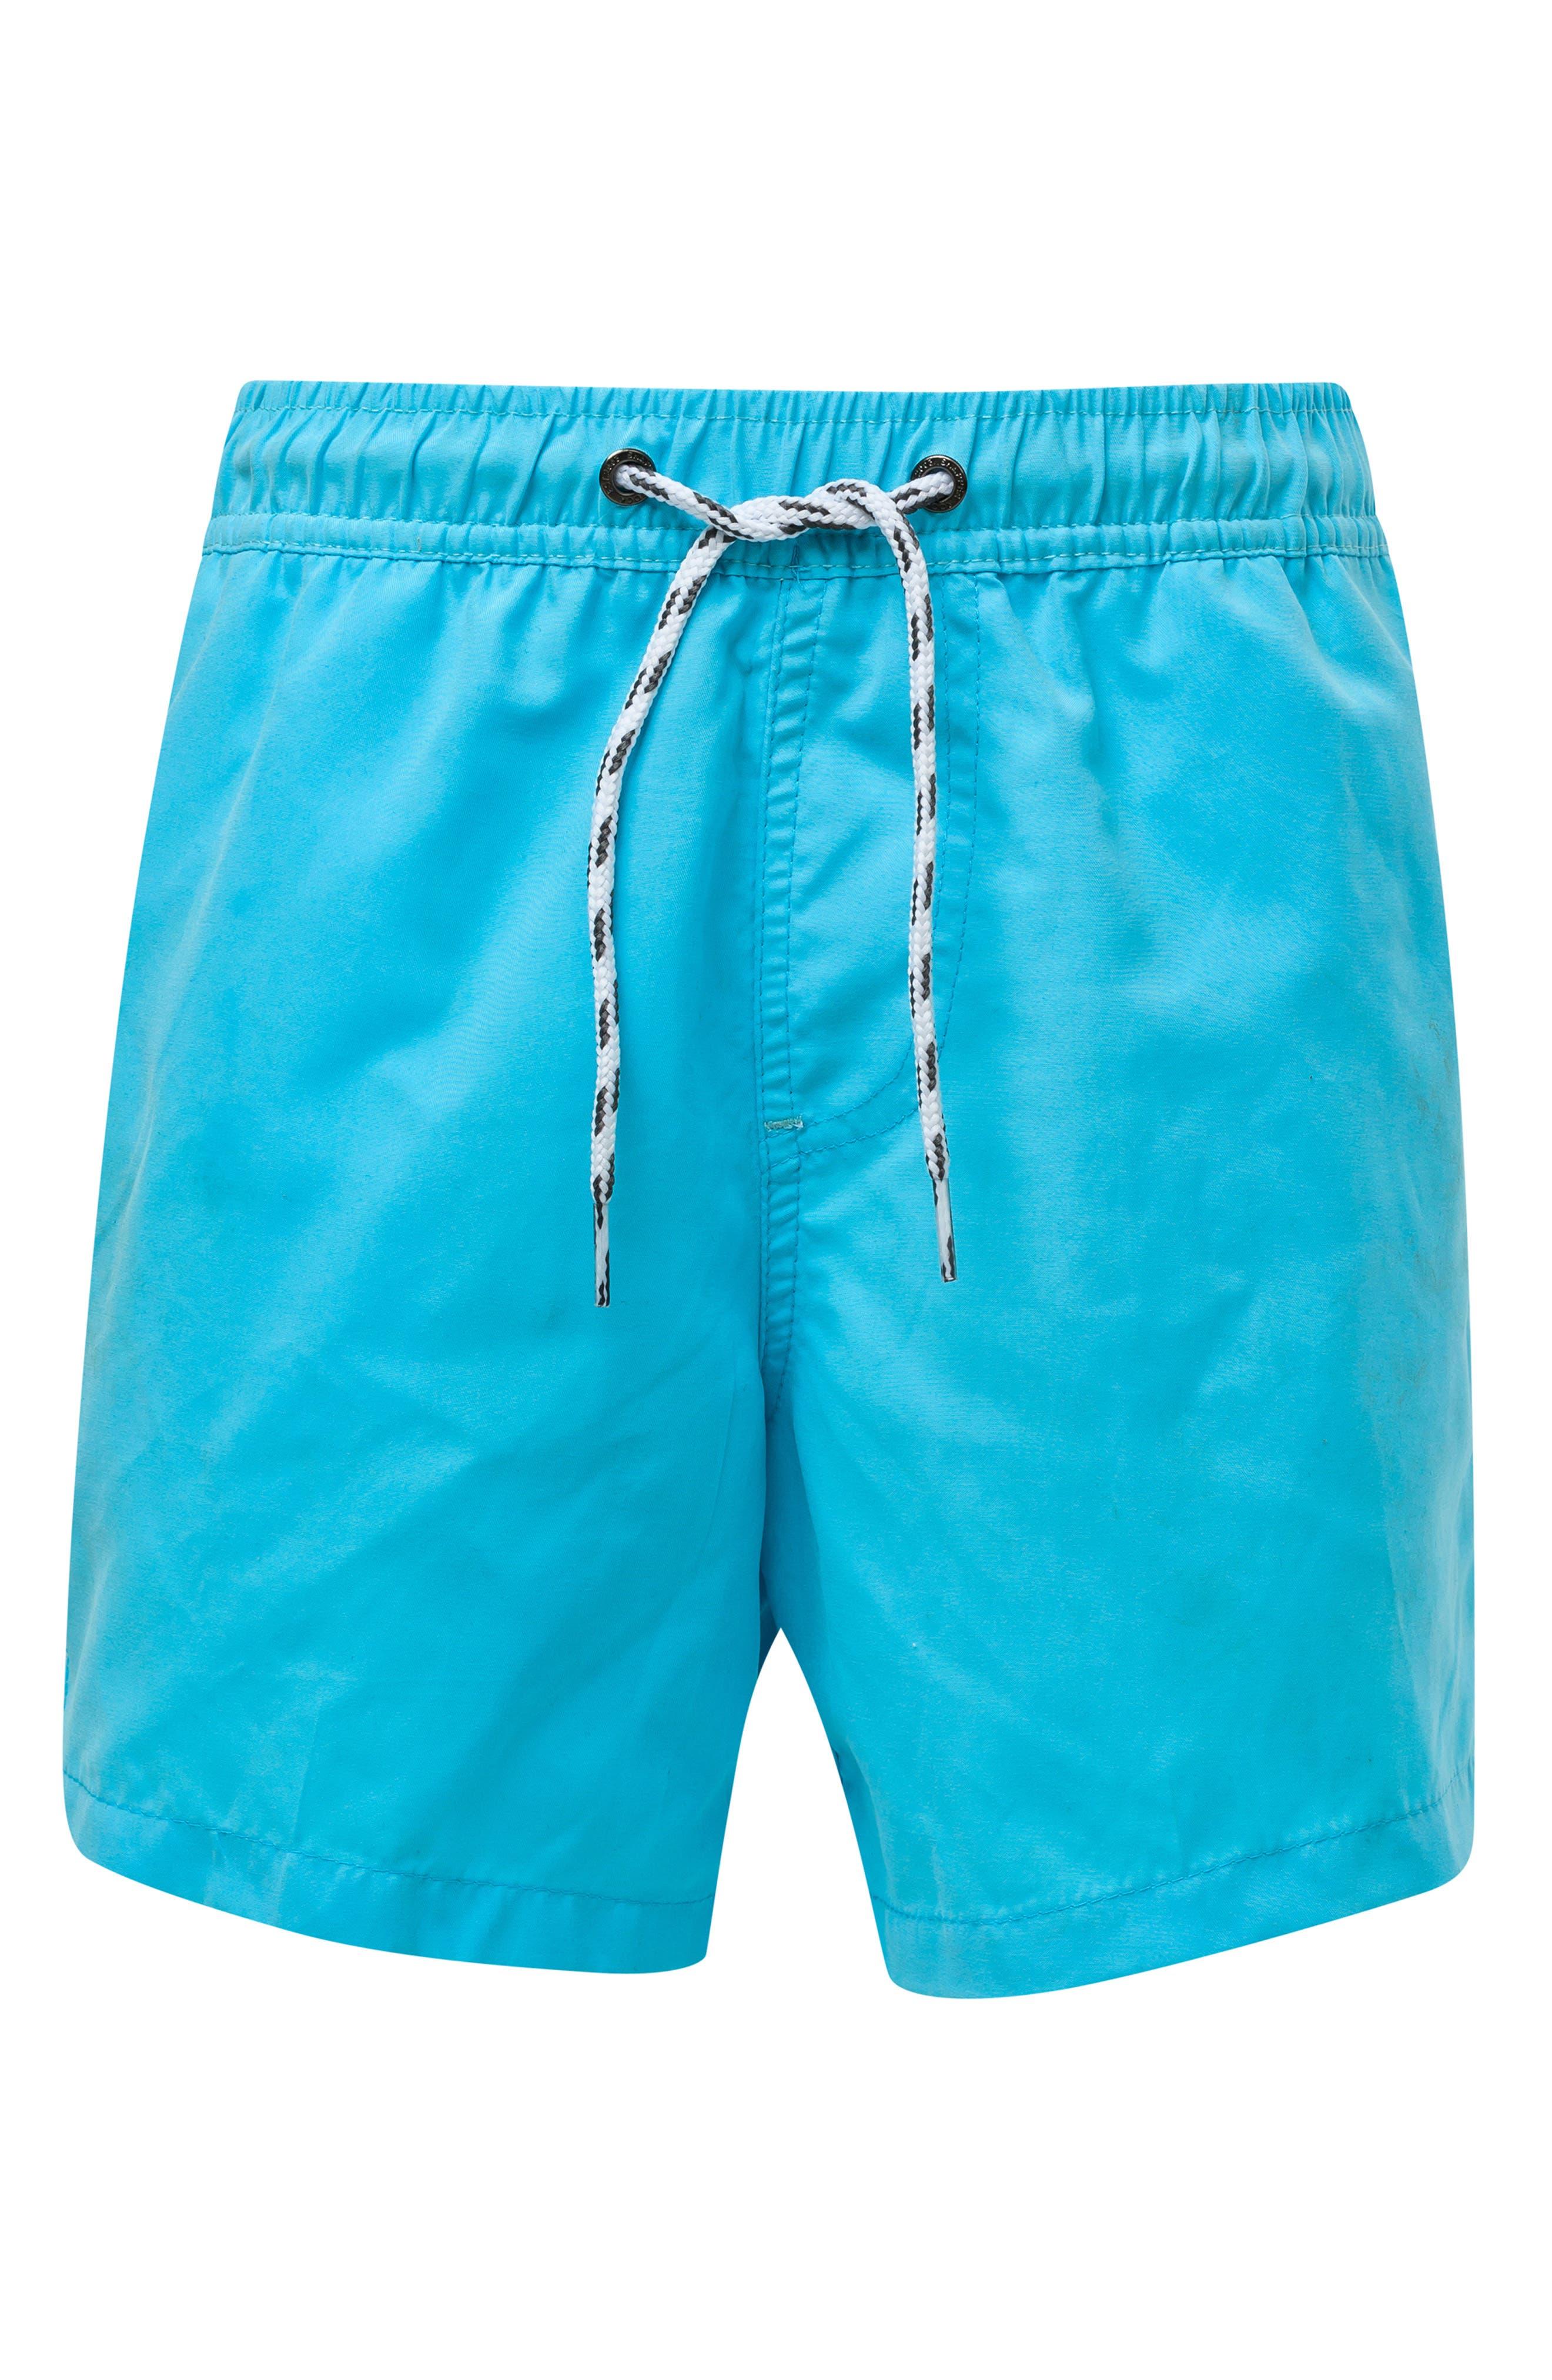 Aqua Board Shorts,                         Main,                         color, MEDIUM BLUE